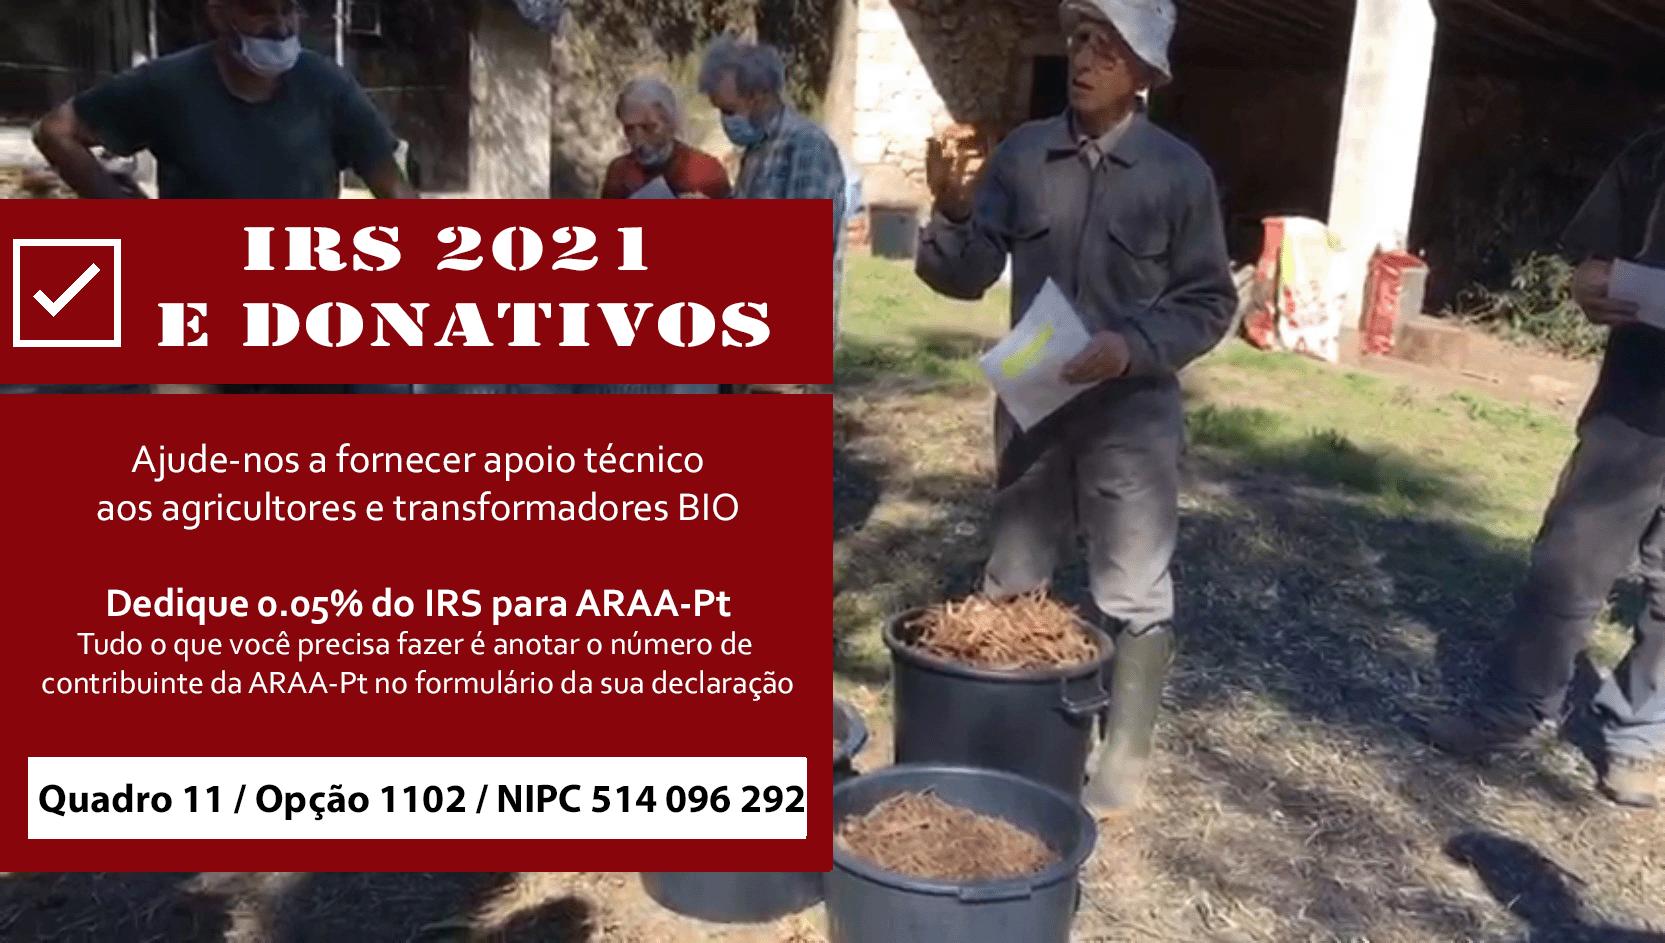 IRS E DONATIVOS 2021